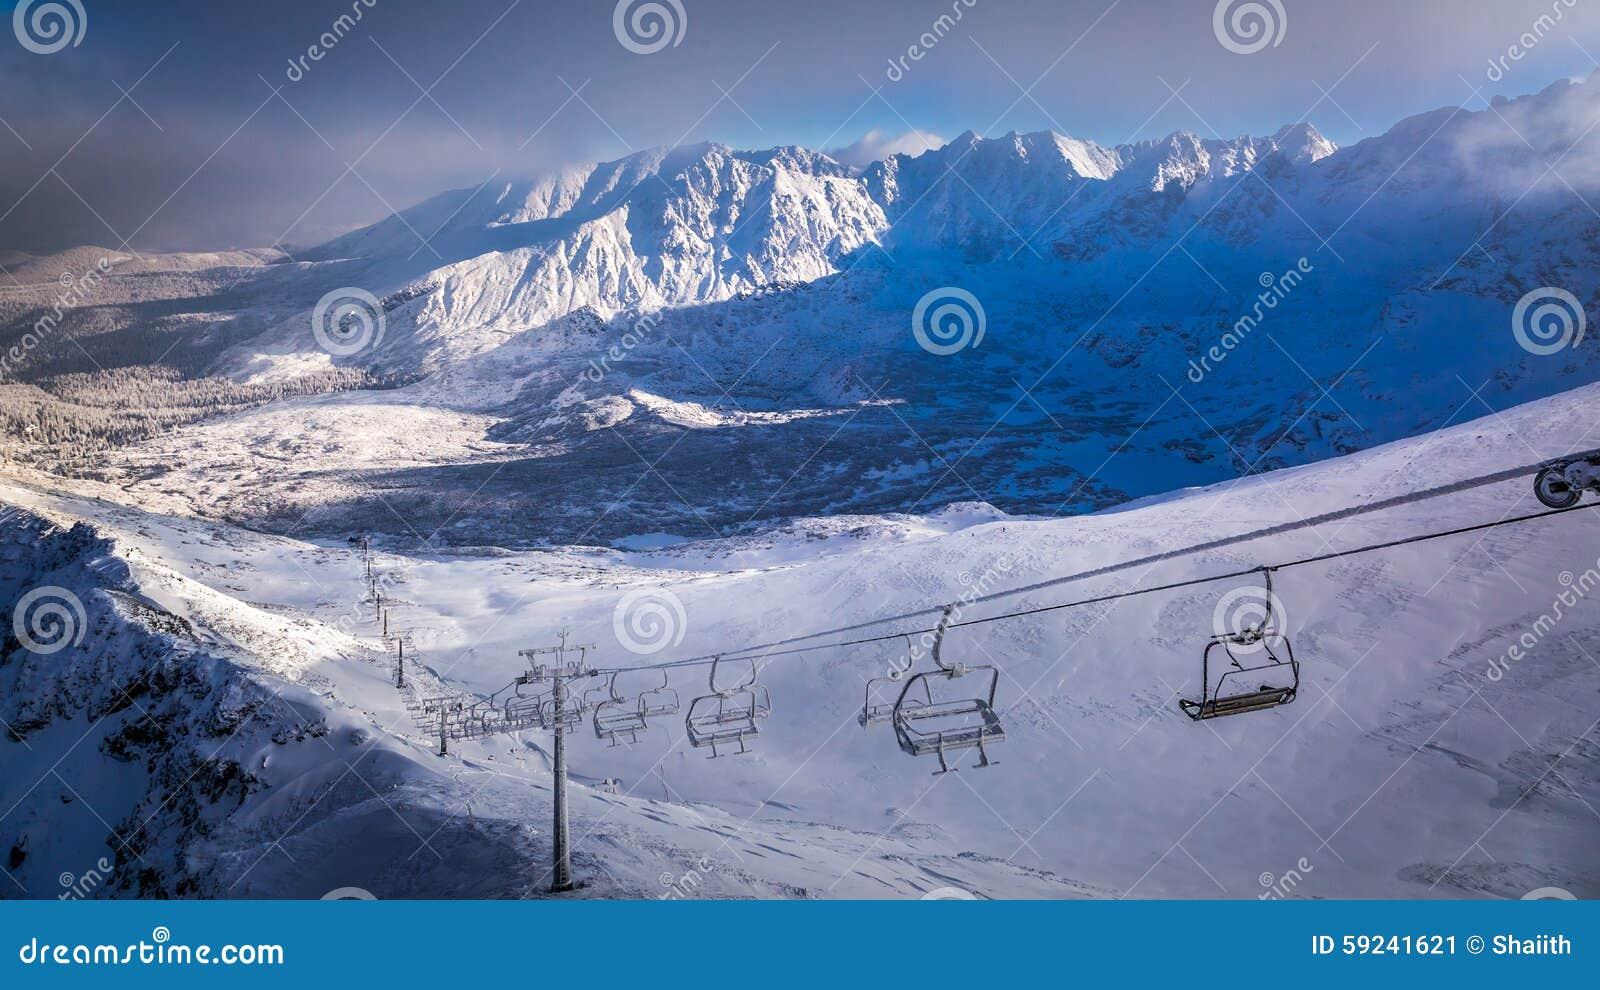 Download La Antena Levanta Sobre El Valle En El Invierno Imagen de archivo - Imagen de aventura, pico: 59241621